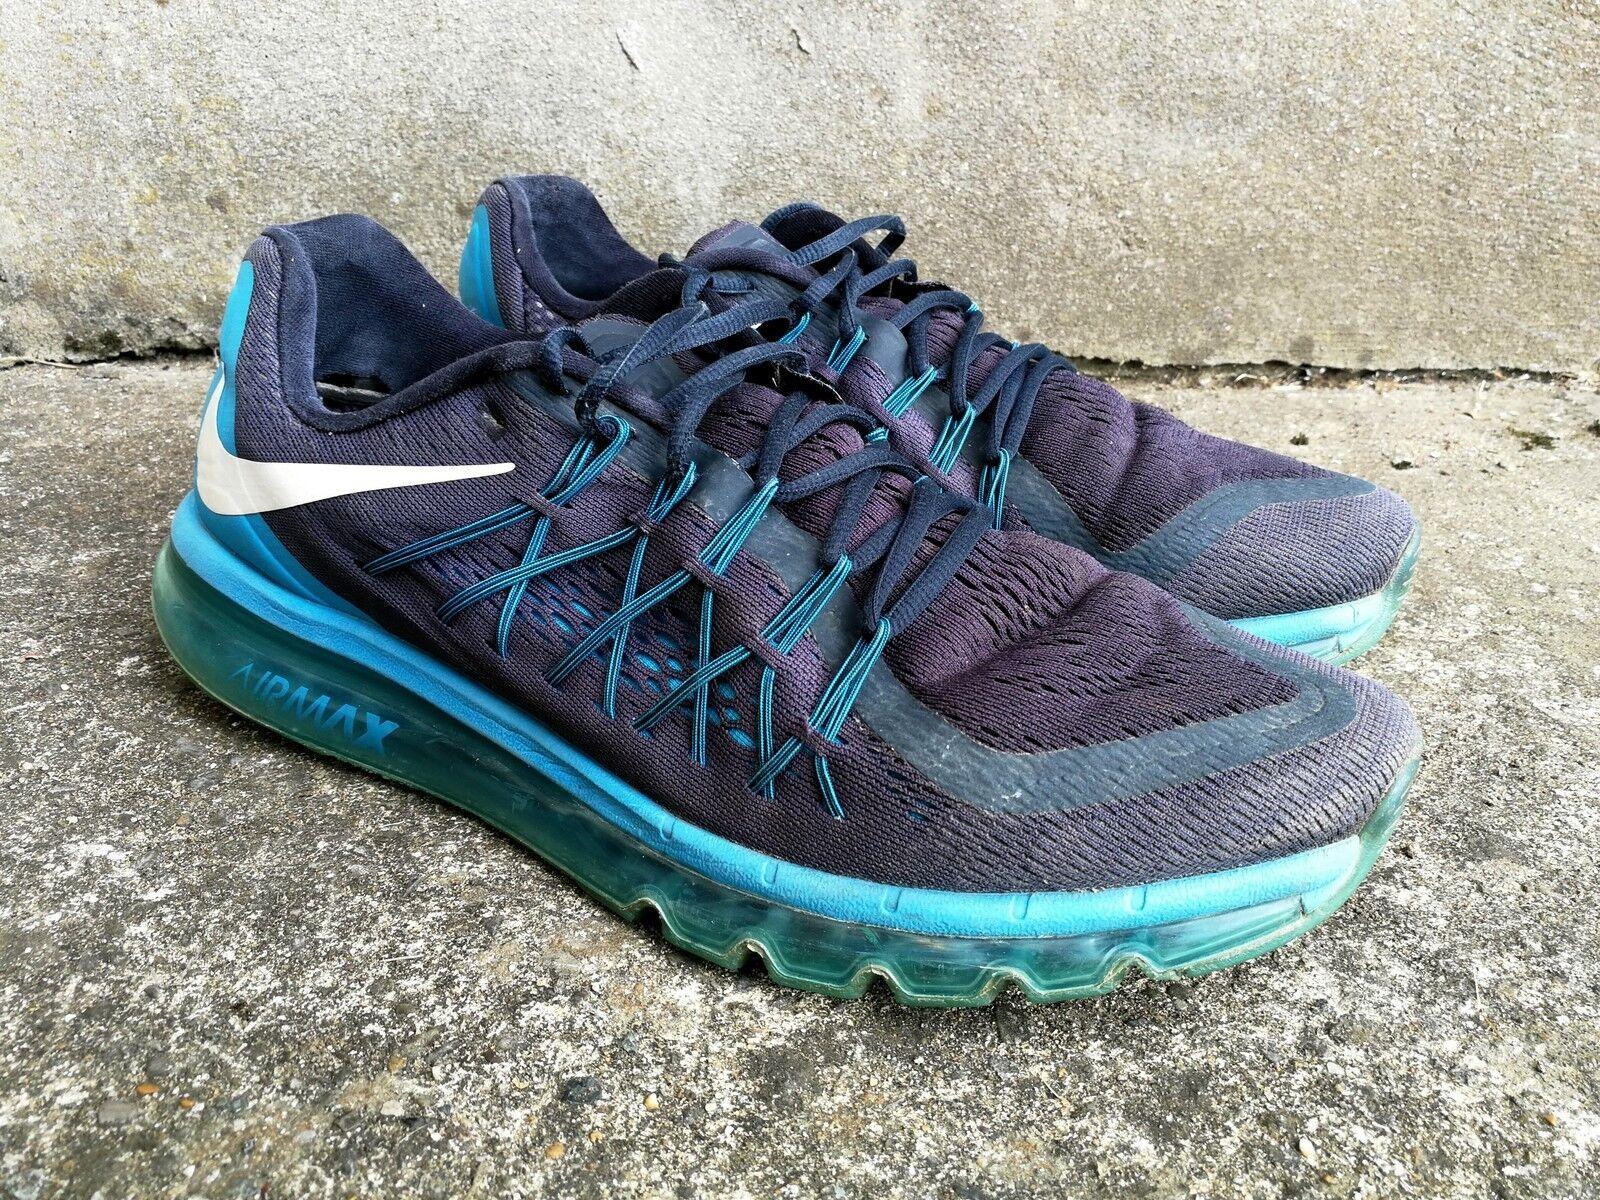 Nike Air Max 2015 Trainers, Sneakers 13, - Blau, Größe UK 13, Sneakers US 14, EUR 48.5, CM 32 43b488